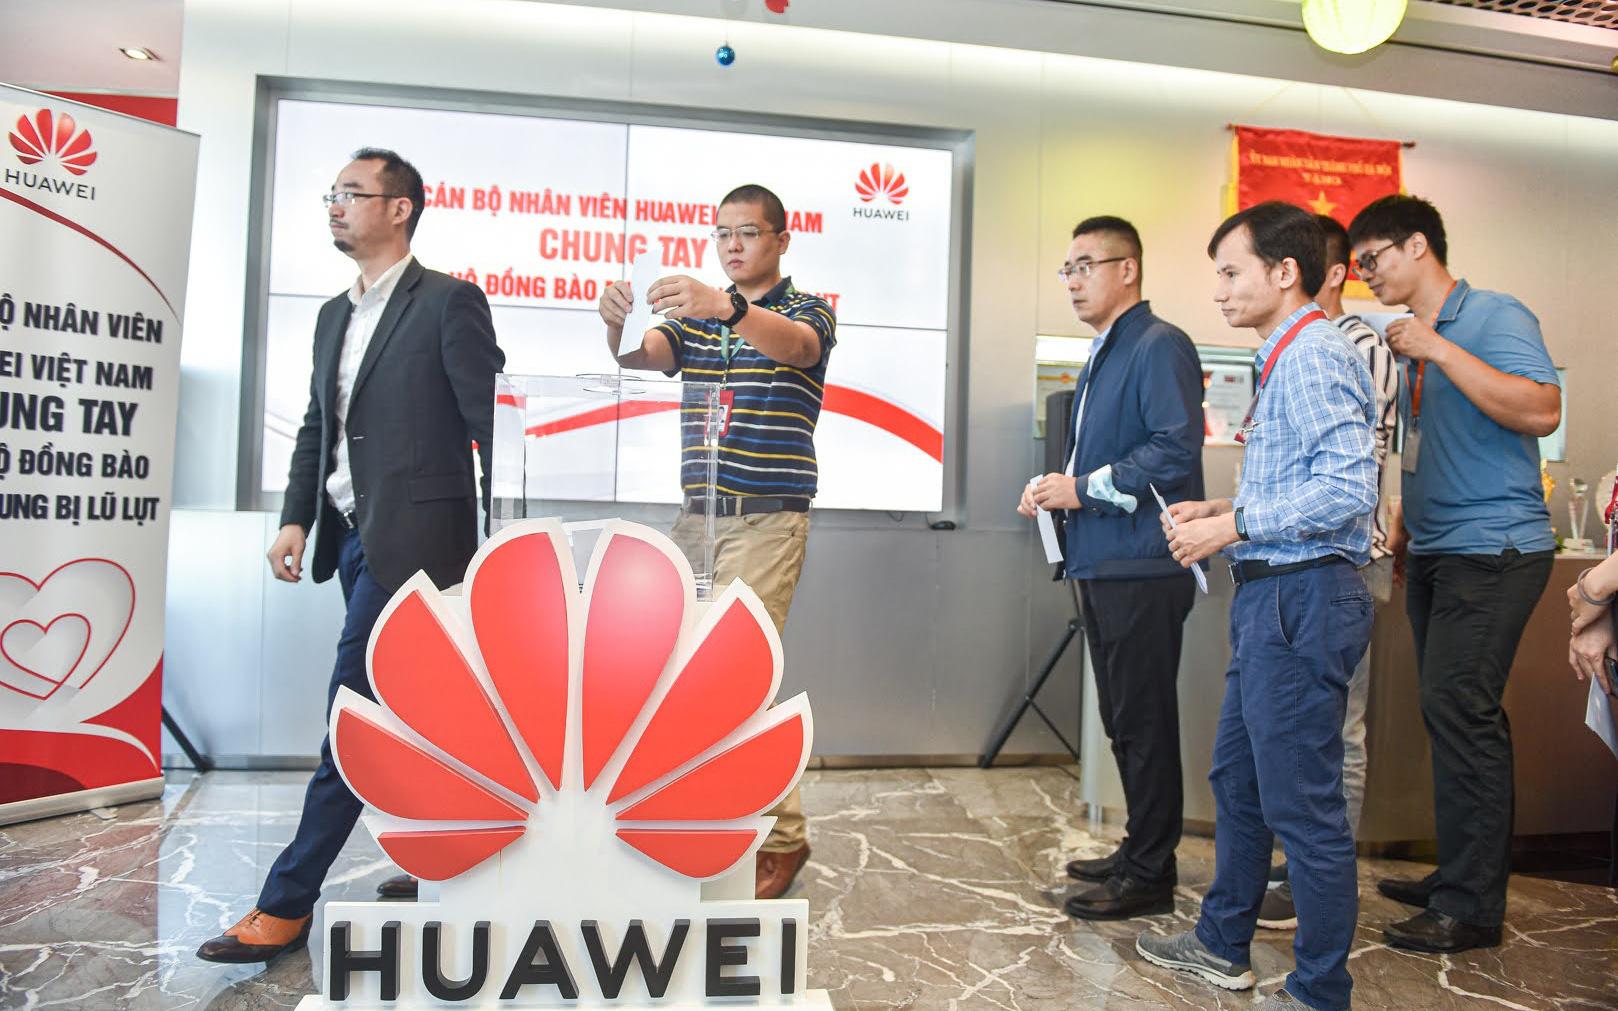 Huawei Việt Nam chung tay ủng hộ đồng bào miền Trung 1 tỷ đồng